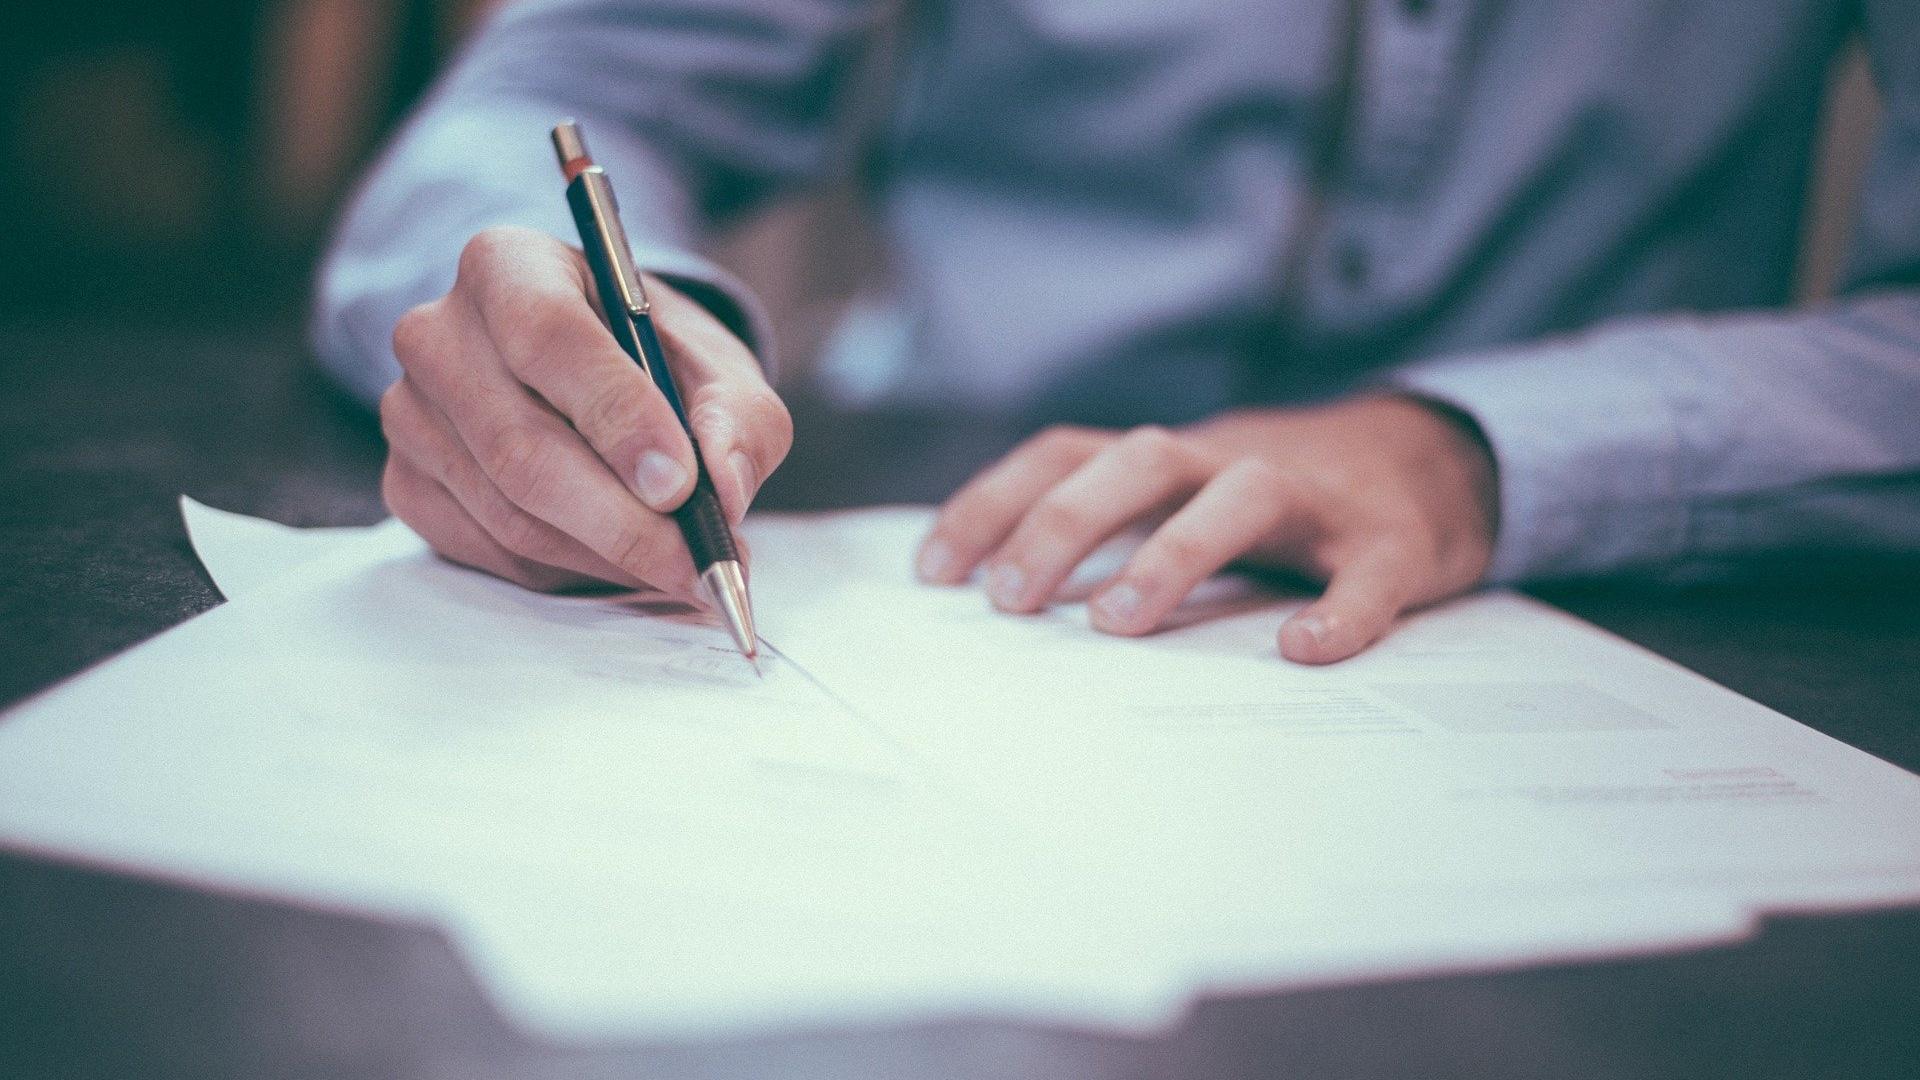 Dokumentumot aláíró férfi